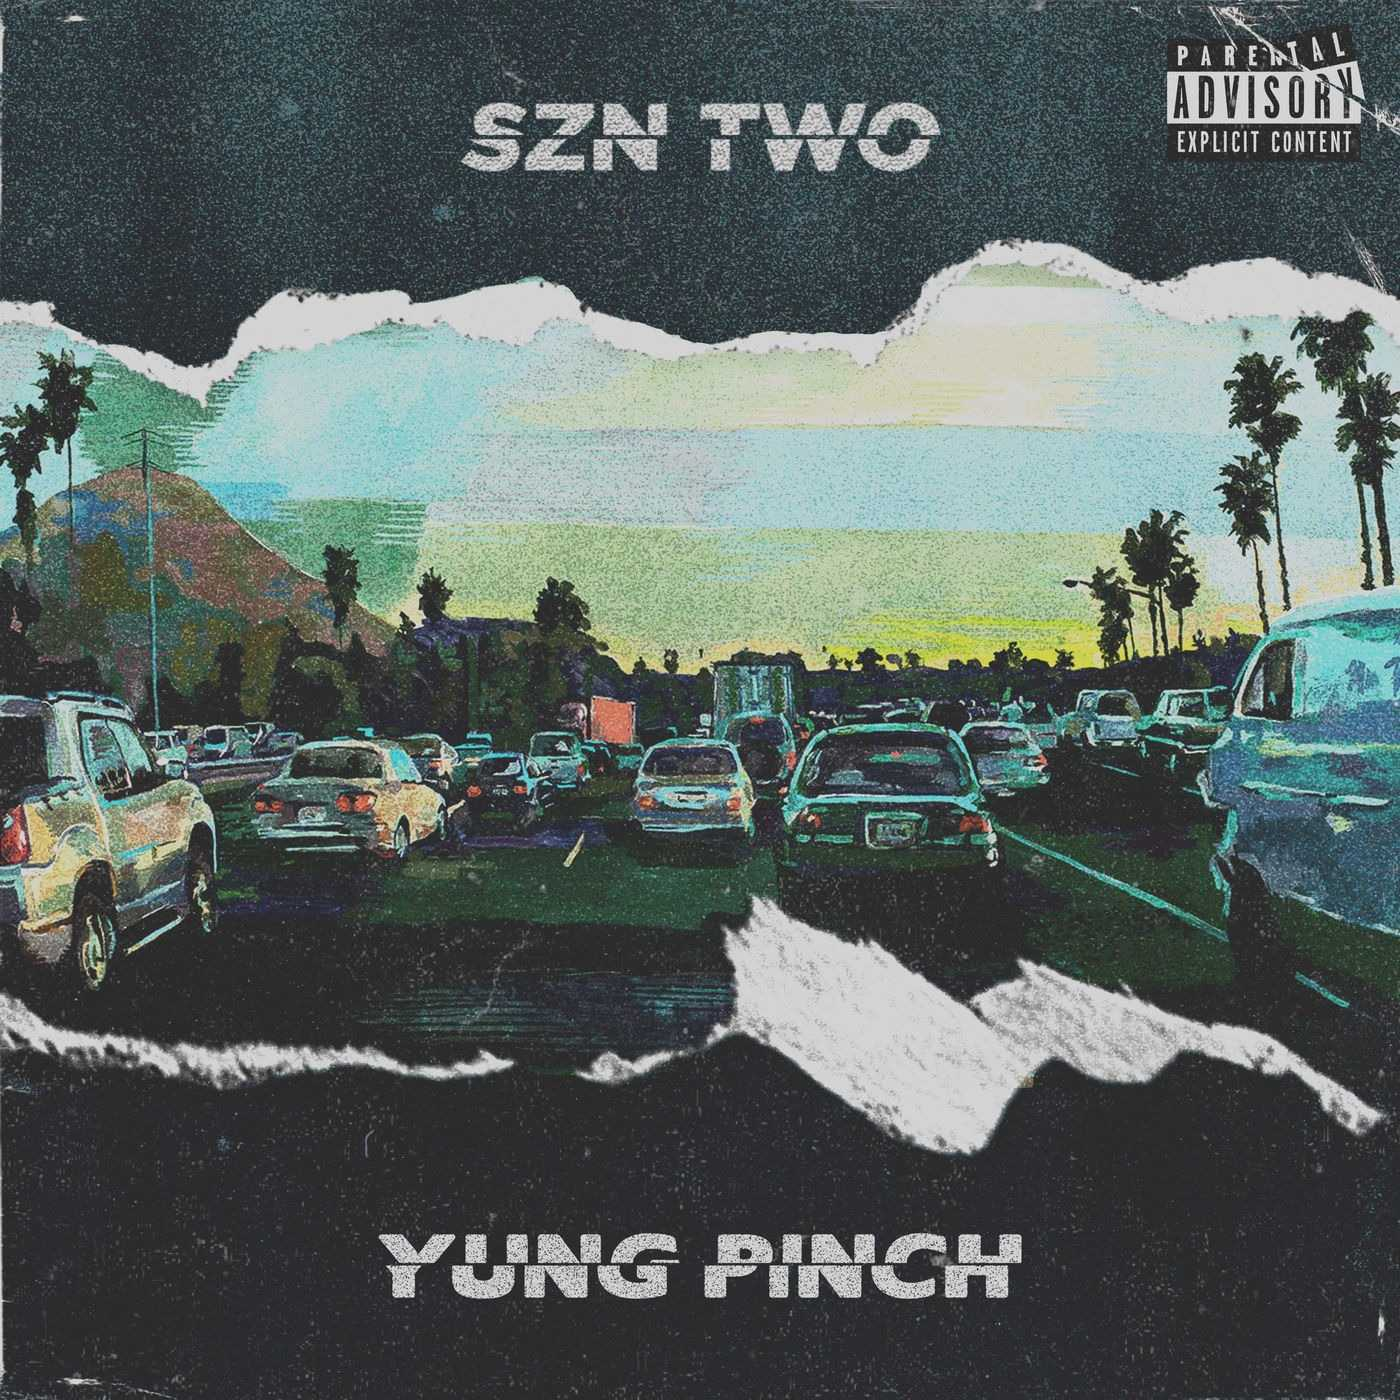 Yung Pinch